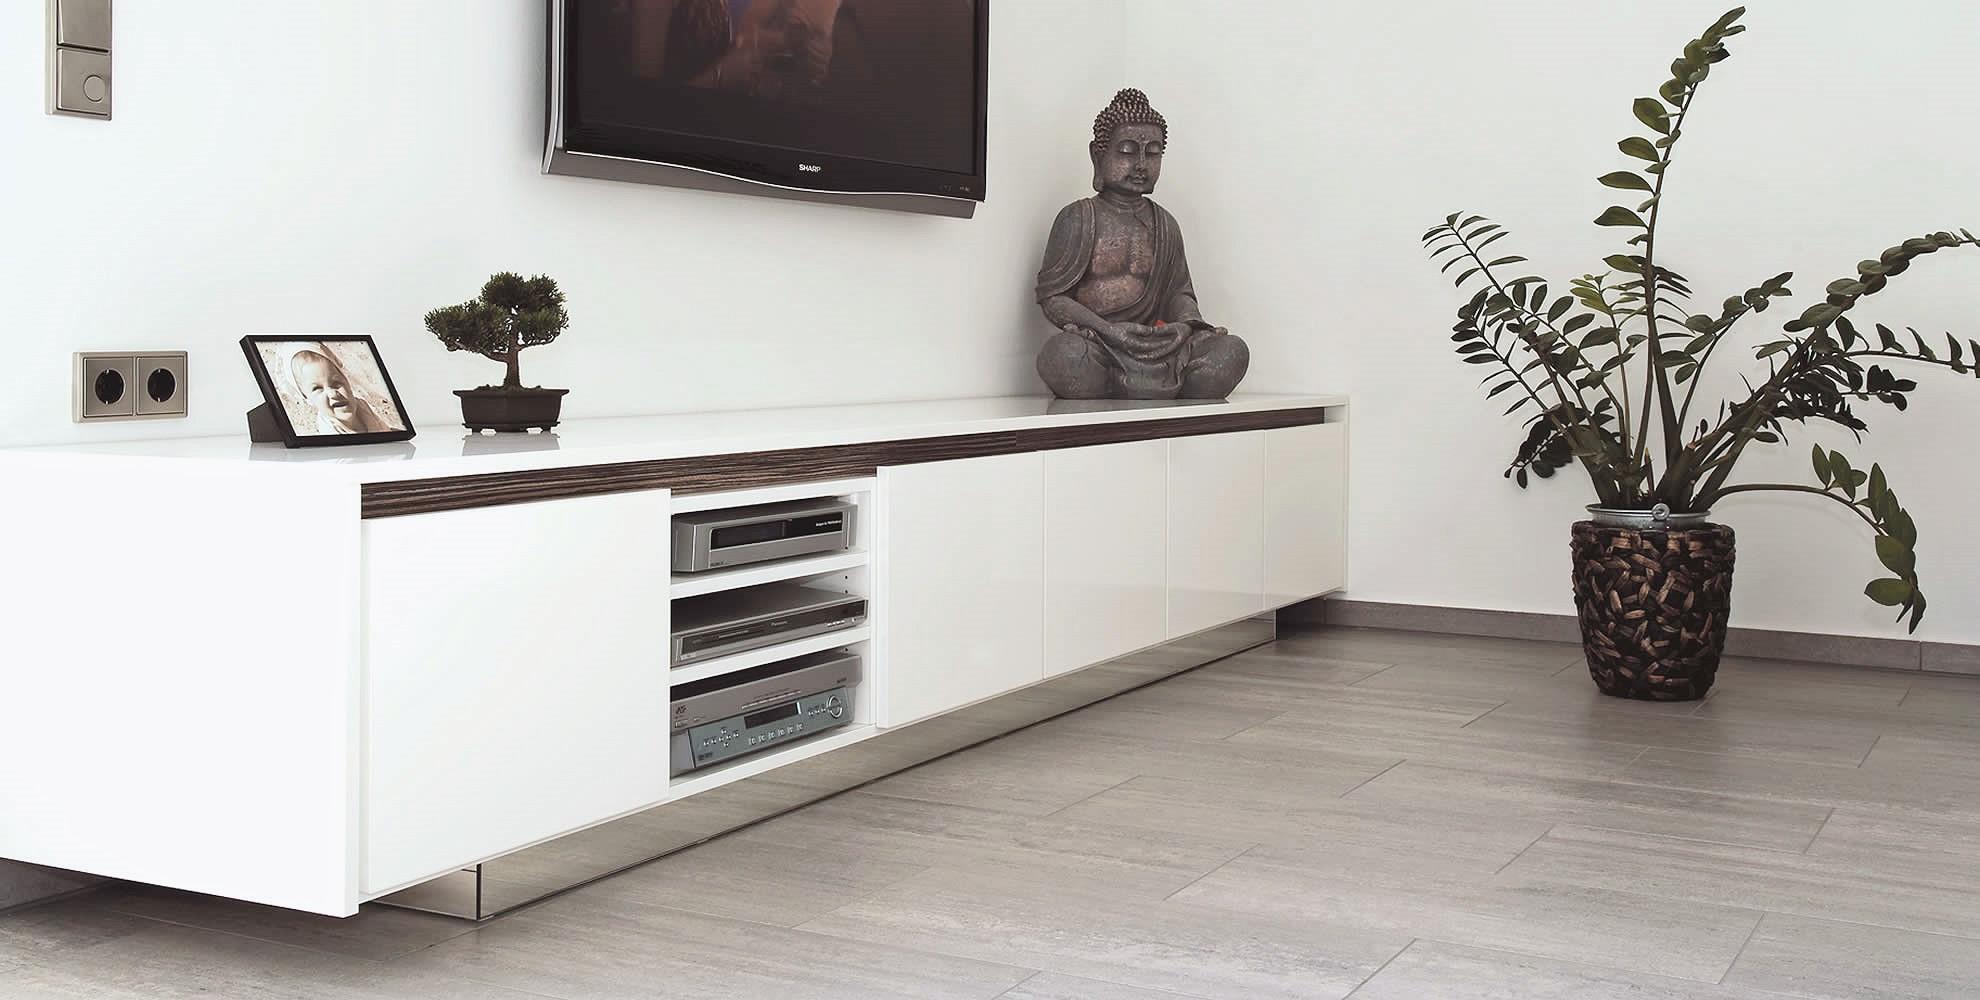 Raumkonzepte Wohnzimmer Möbel & Schränke nach Maß - innconcept